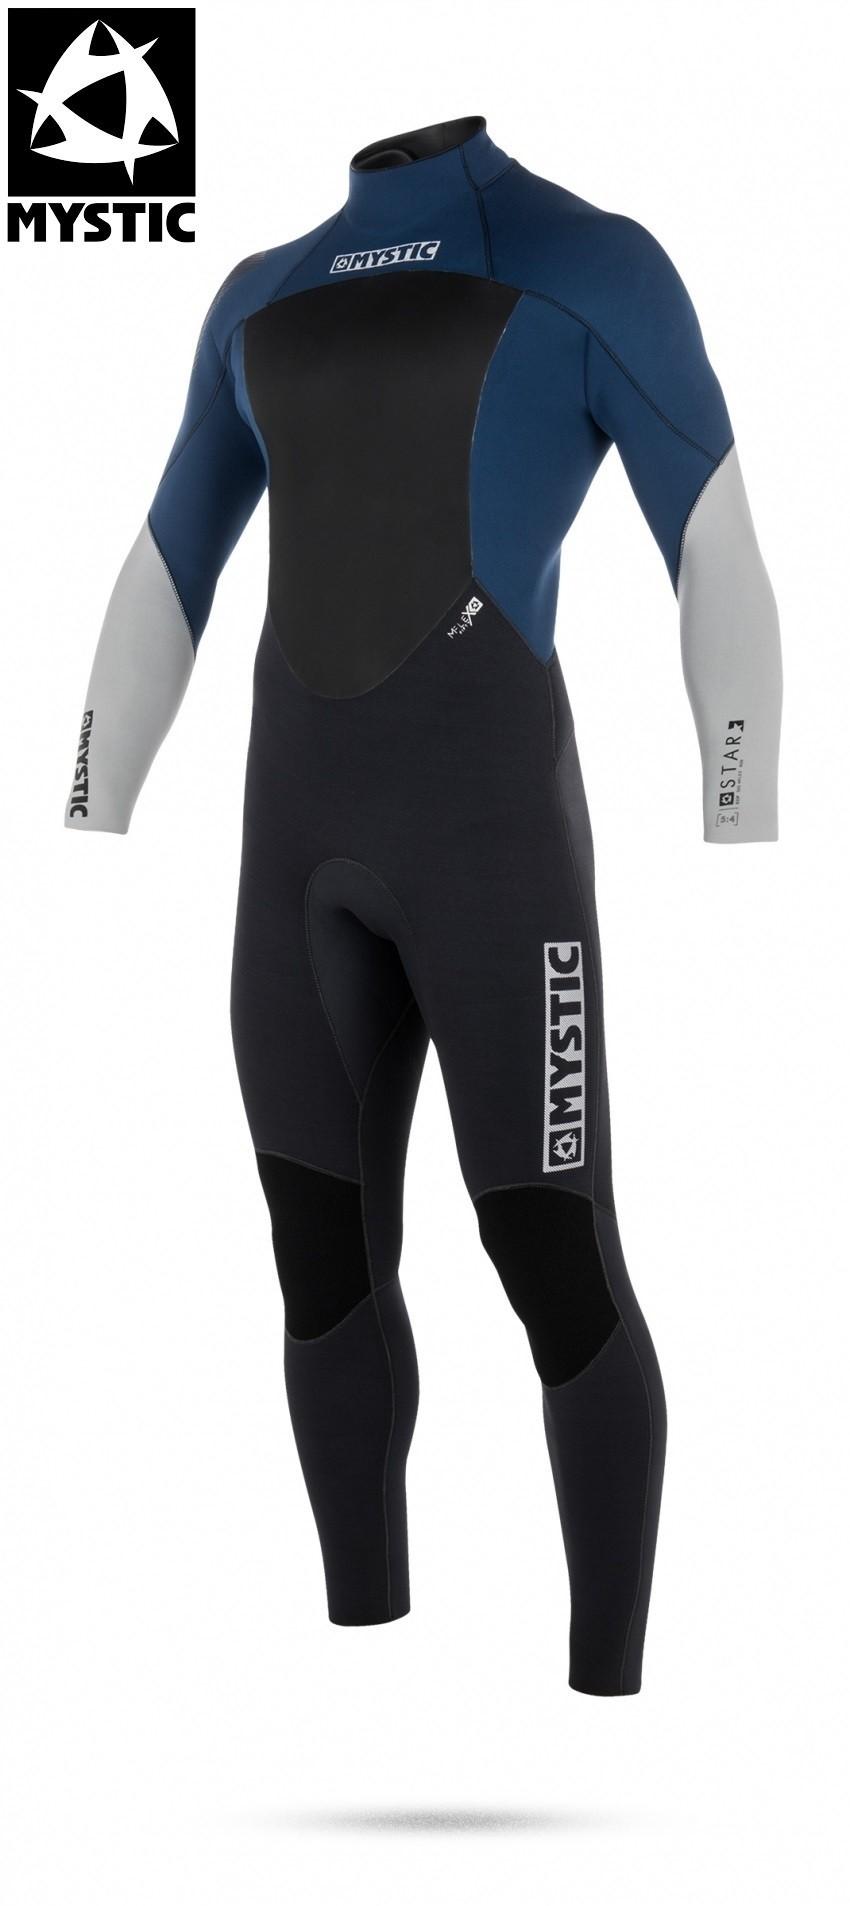 Mystic wetsuit Star 4/3 back-zip